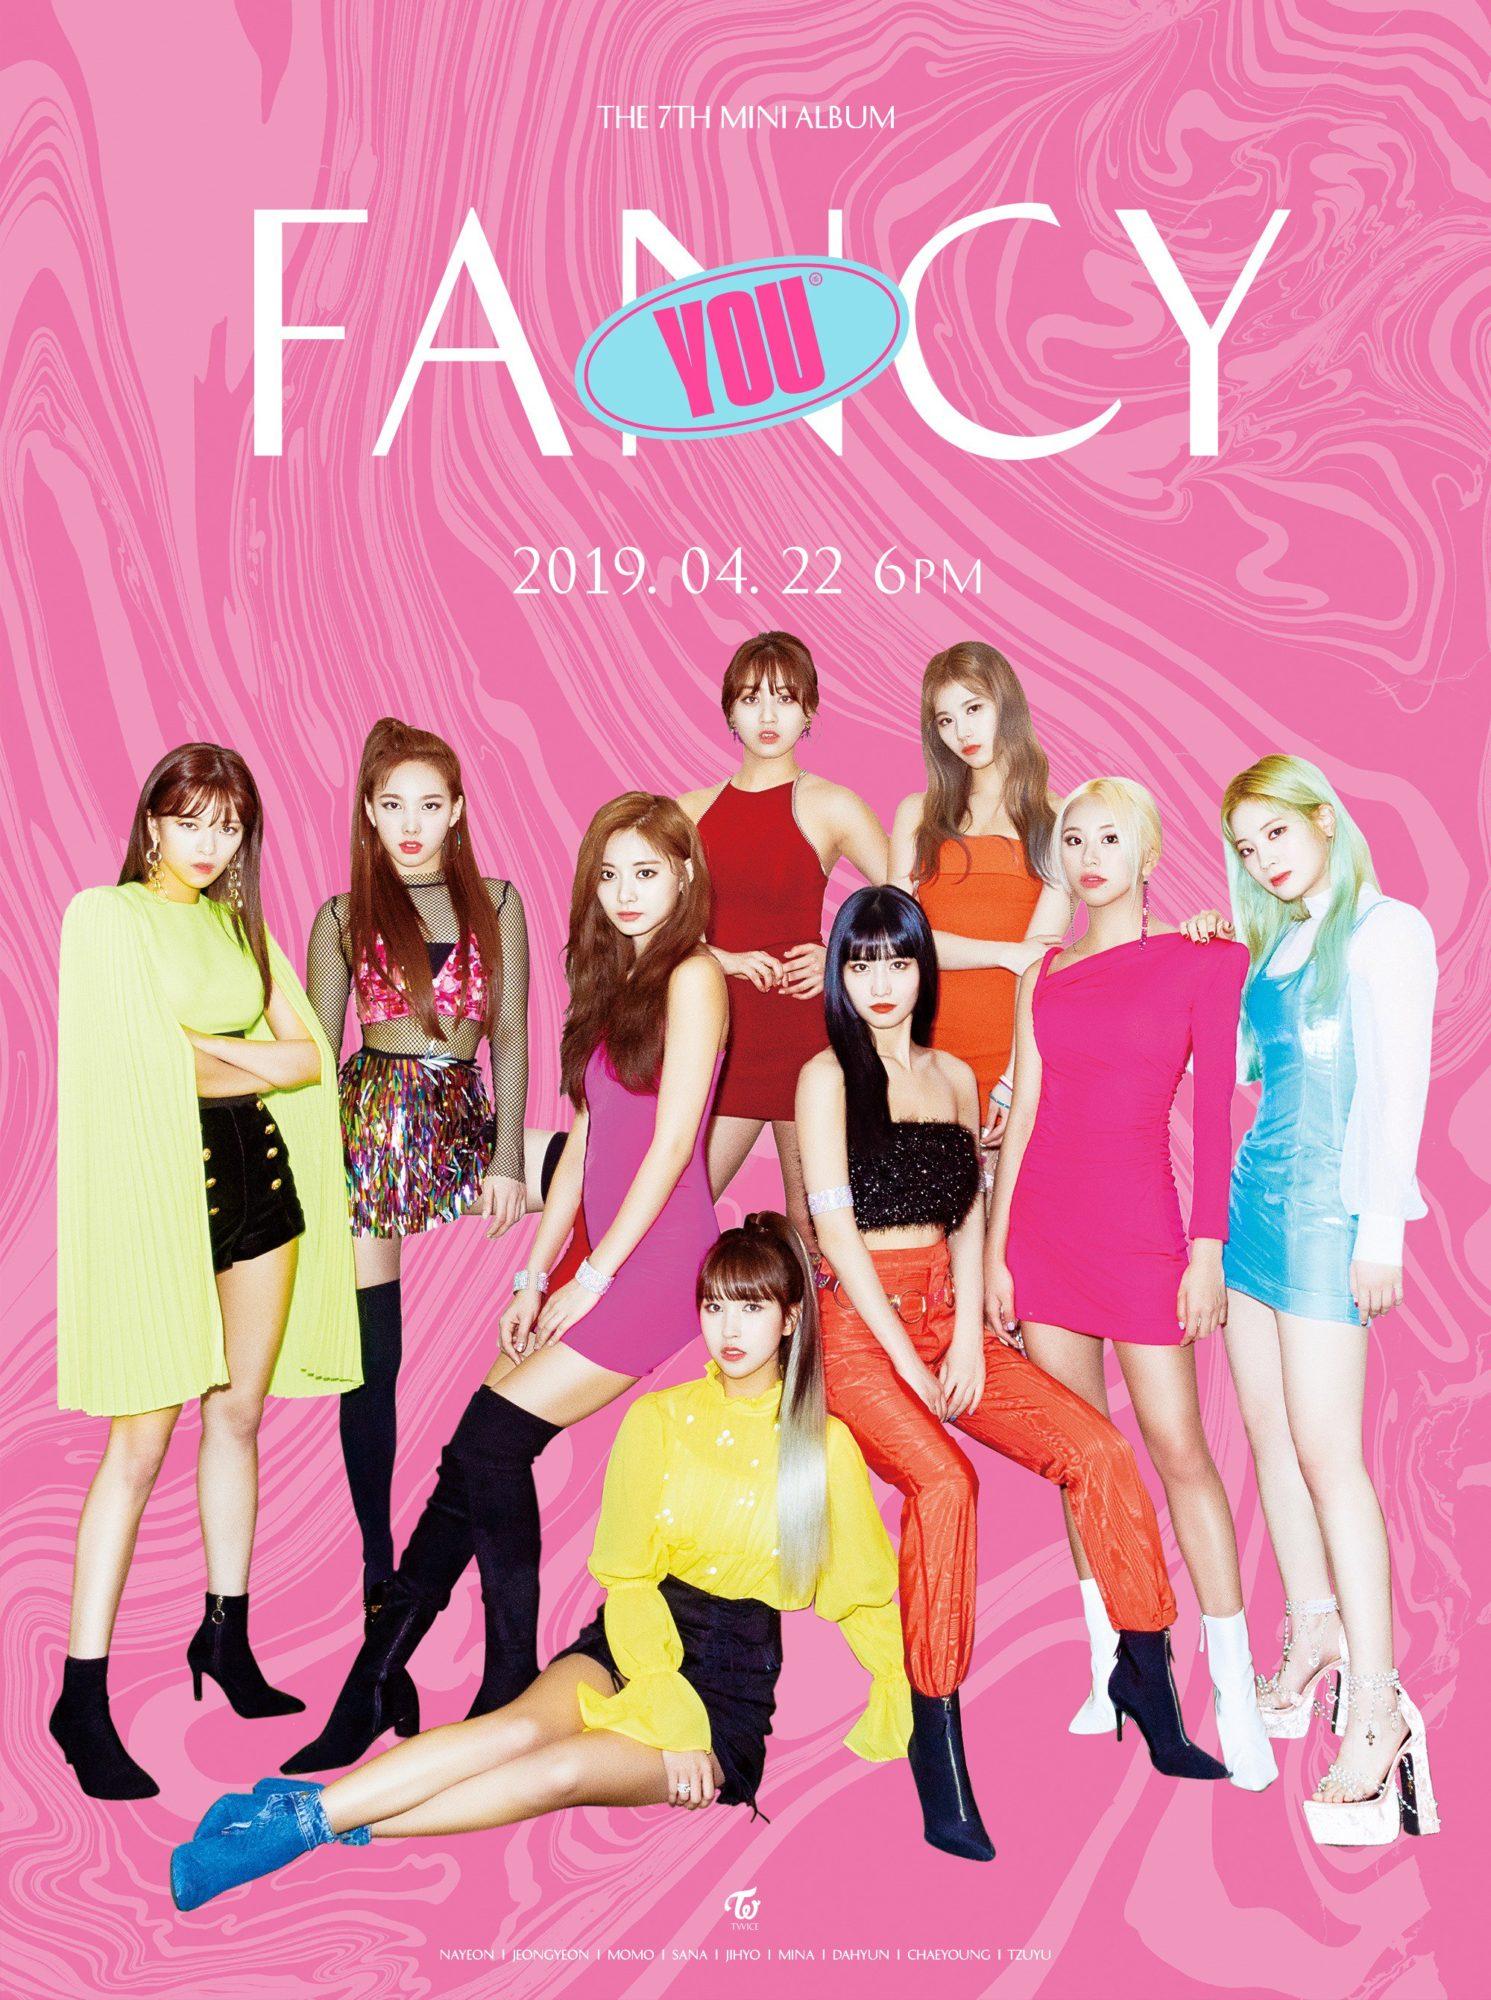 Twice Fancy You Teaser